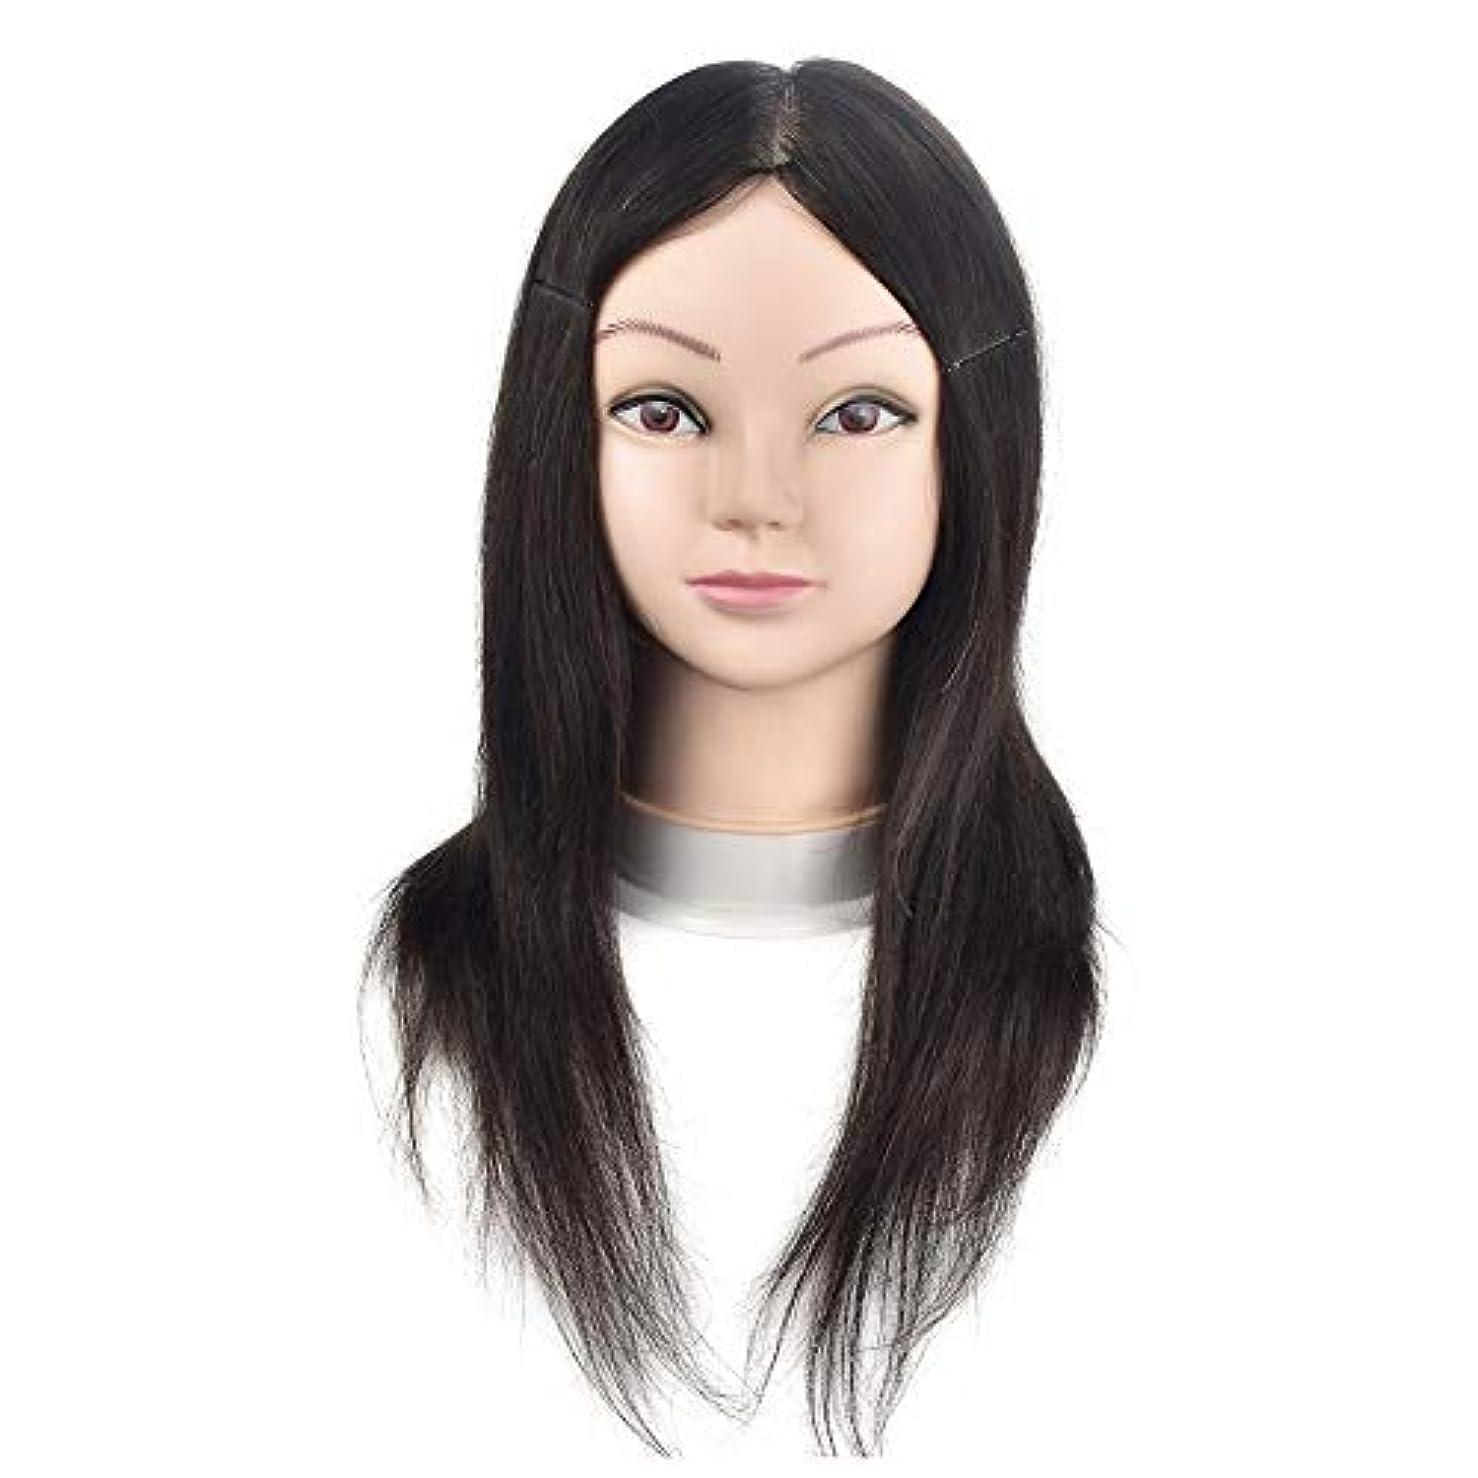 卵航空超えて本物の髪、髪編組髪、熱い染毛ヘッド型サロン形状かつら運動ヘッド散髪学習ダミーヘッド